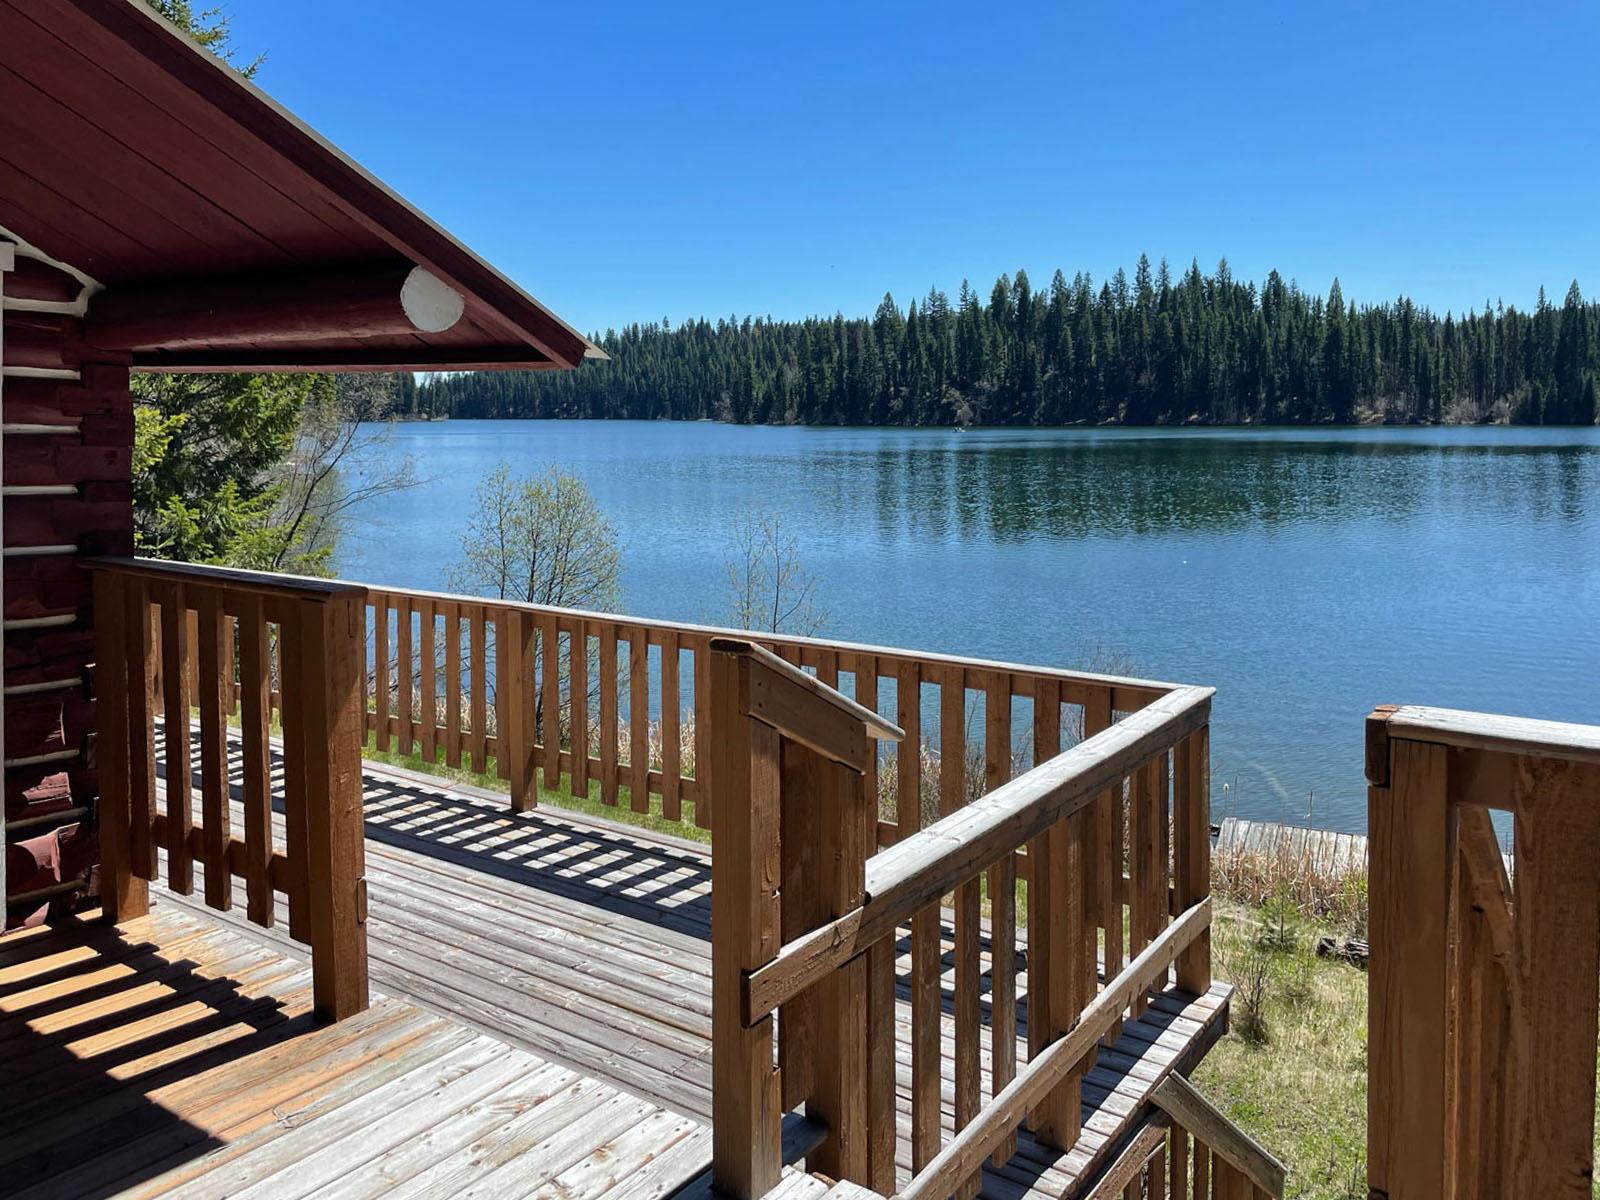 Fawn lake 01